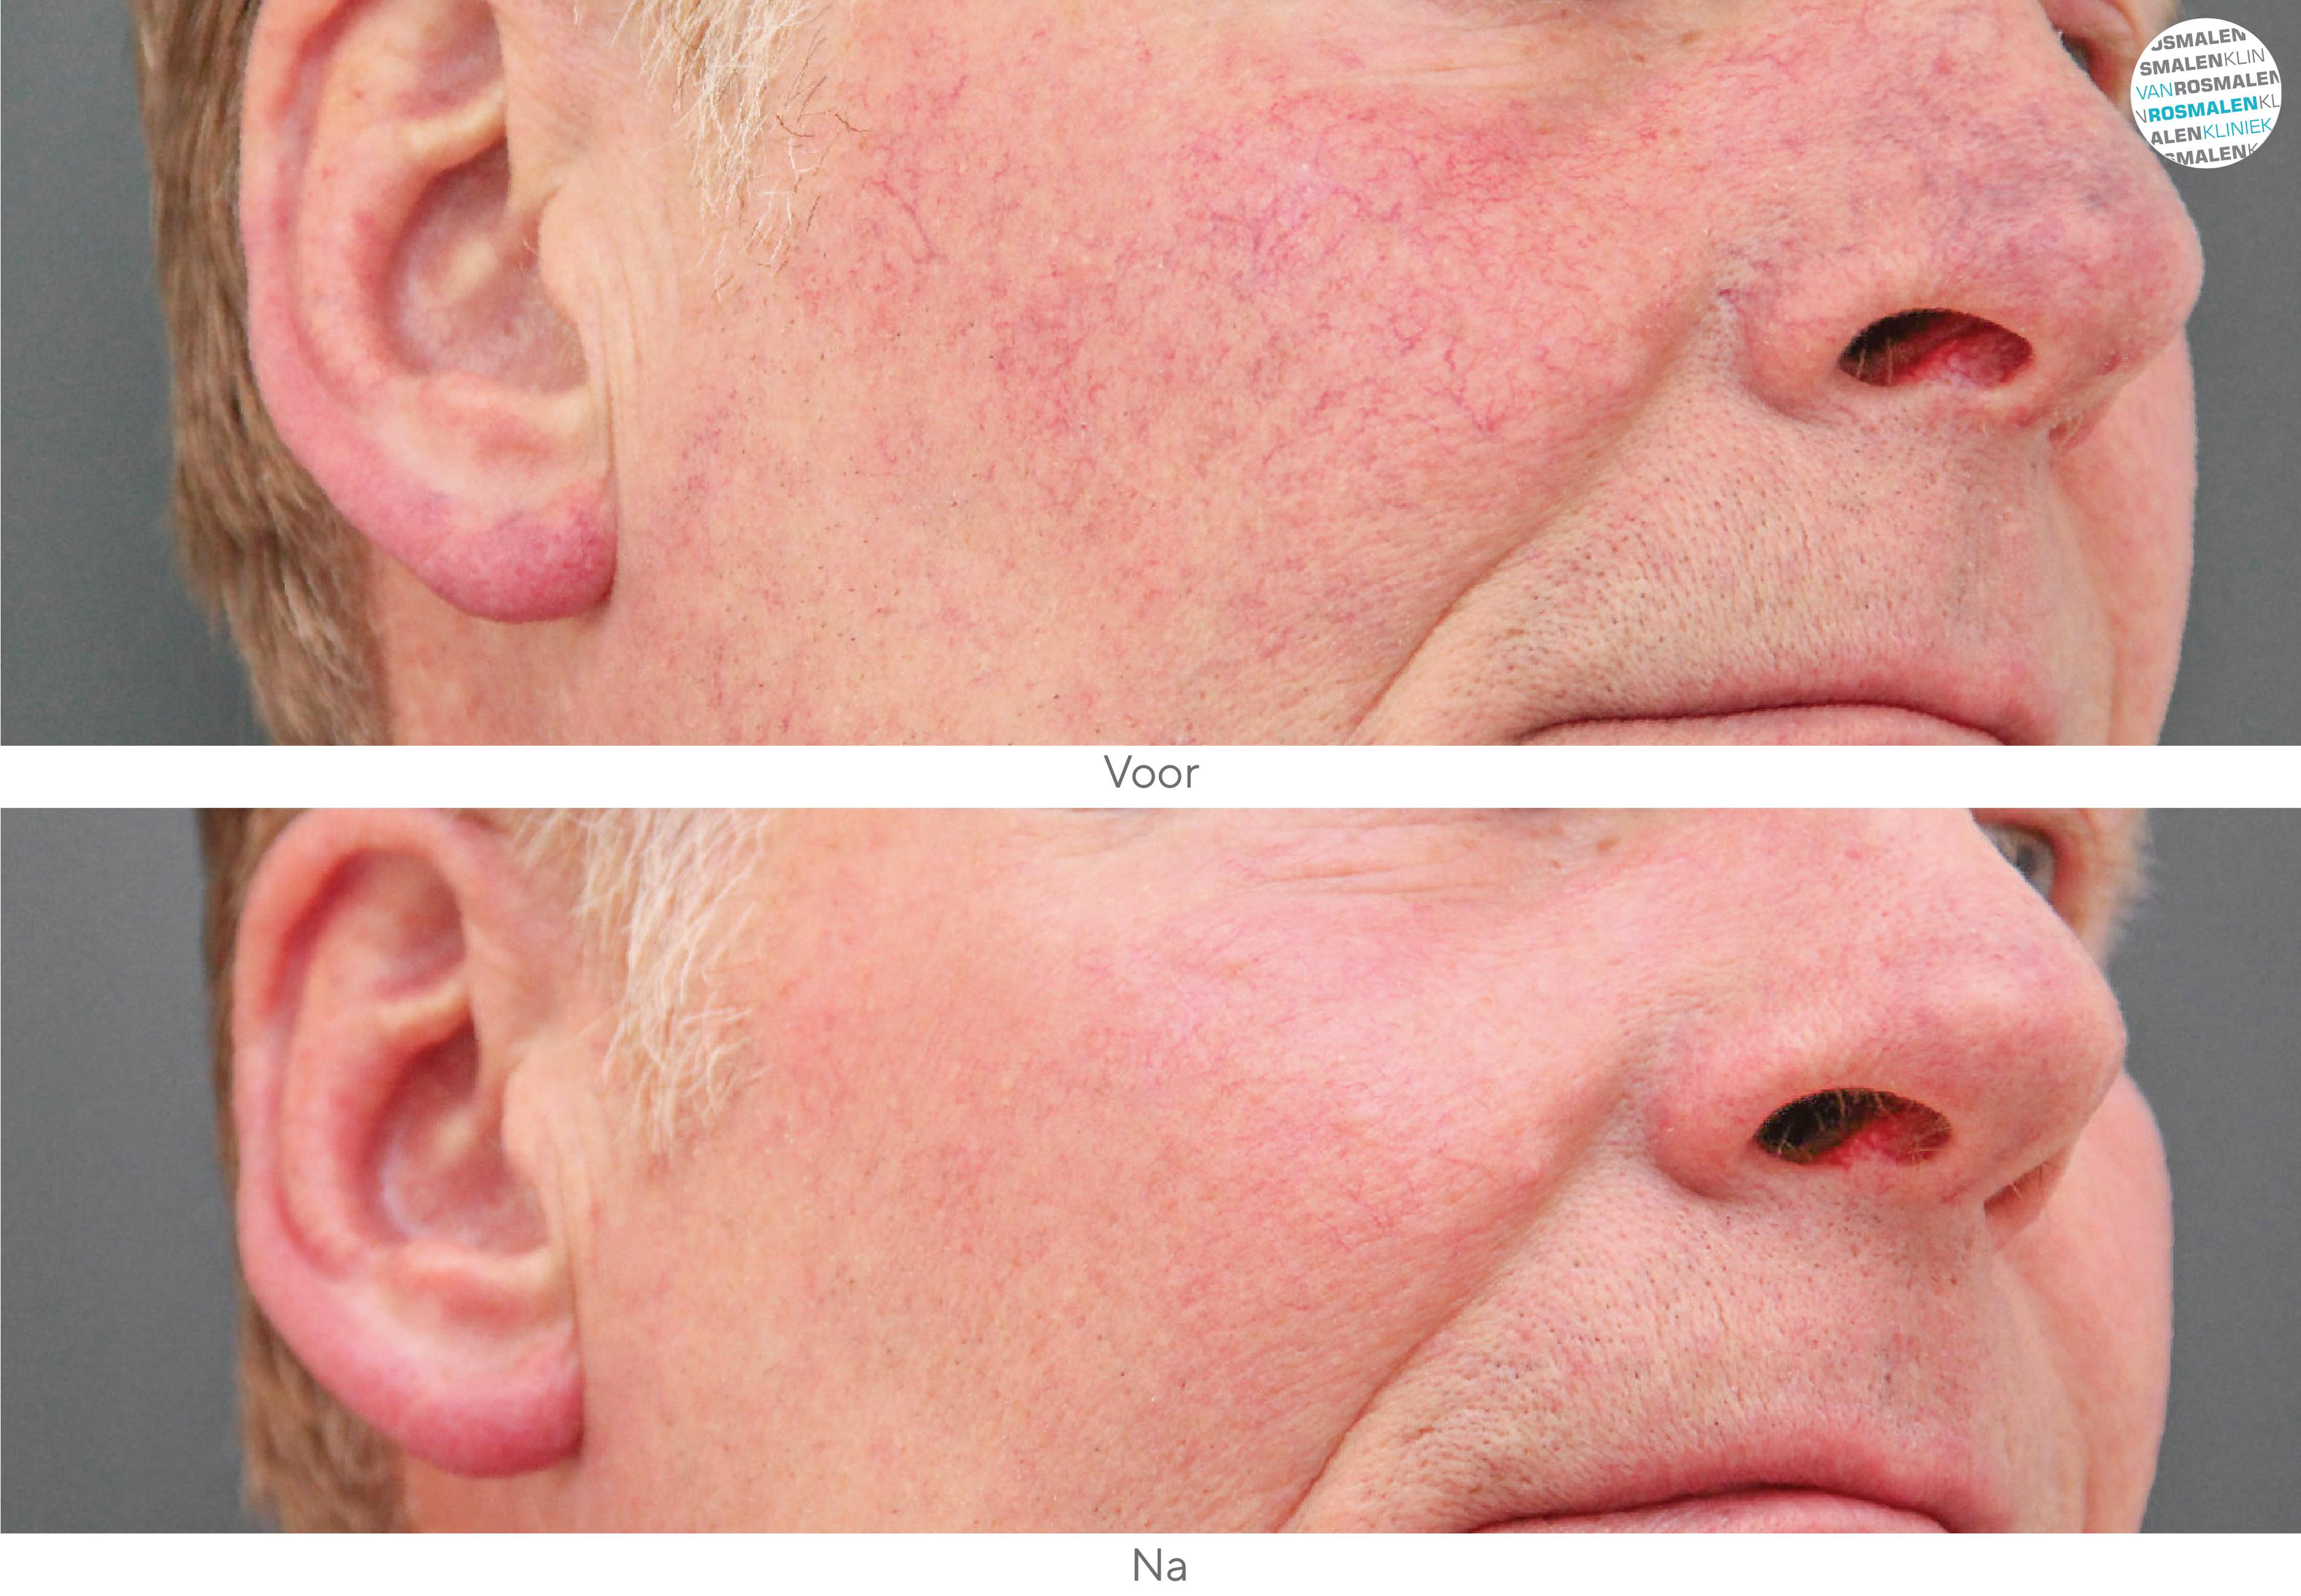 Laserbehandeling rosacea voor- en na foto